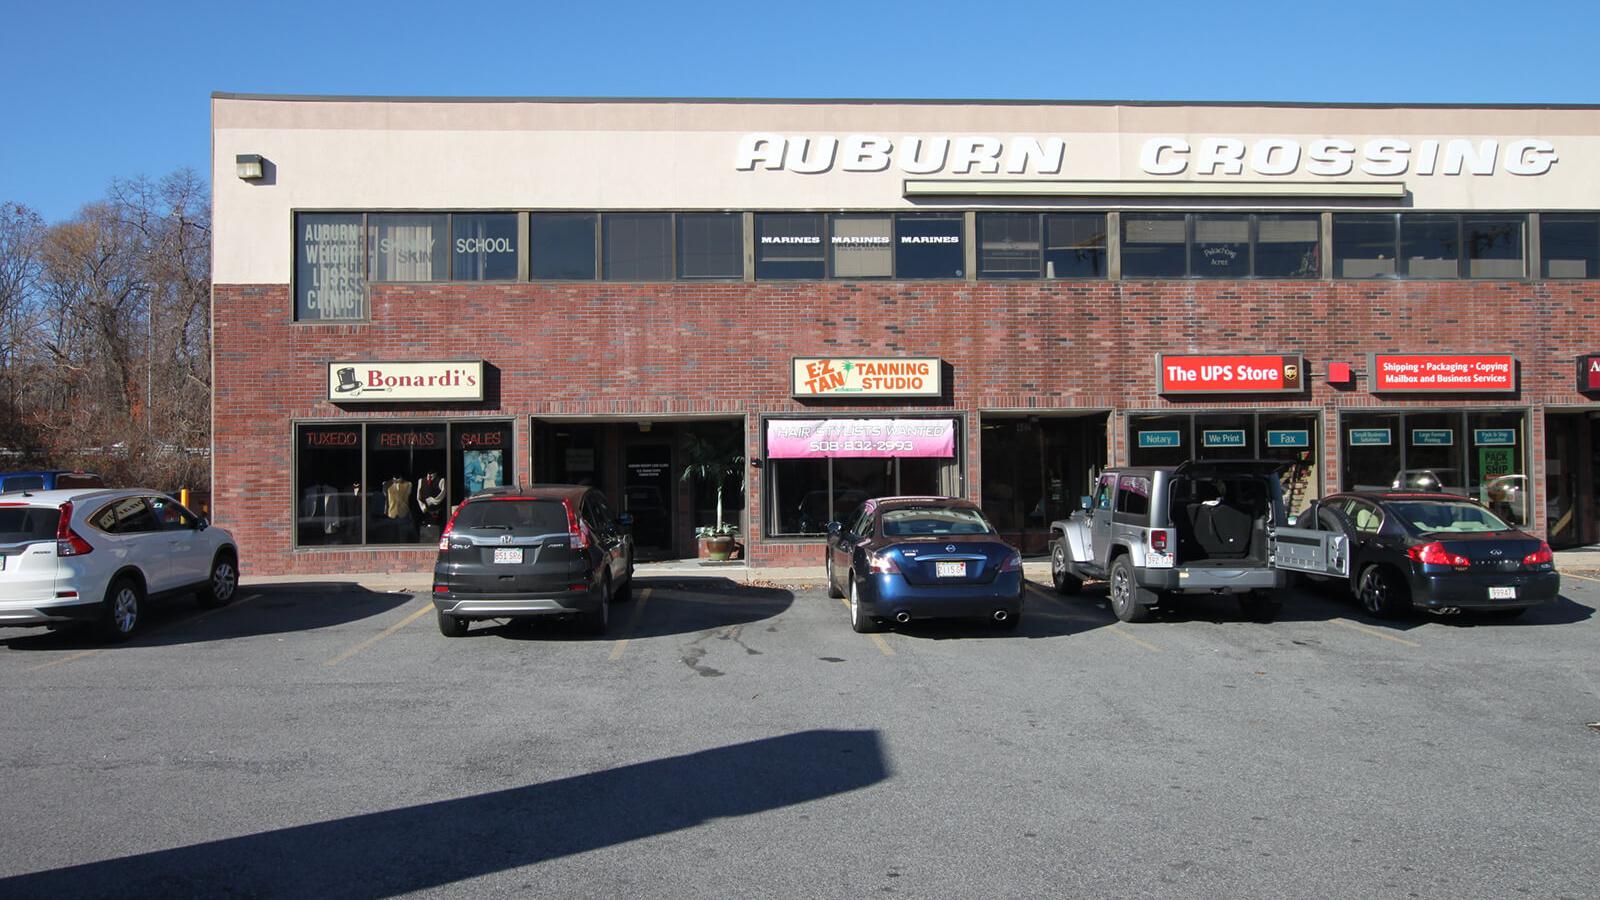 482 Southbridge Street, Auburn, Massachusetts 01501, Retail / Restaurant,For Lease,Southbridge Street,1320